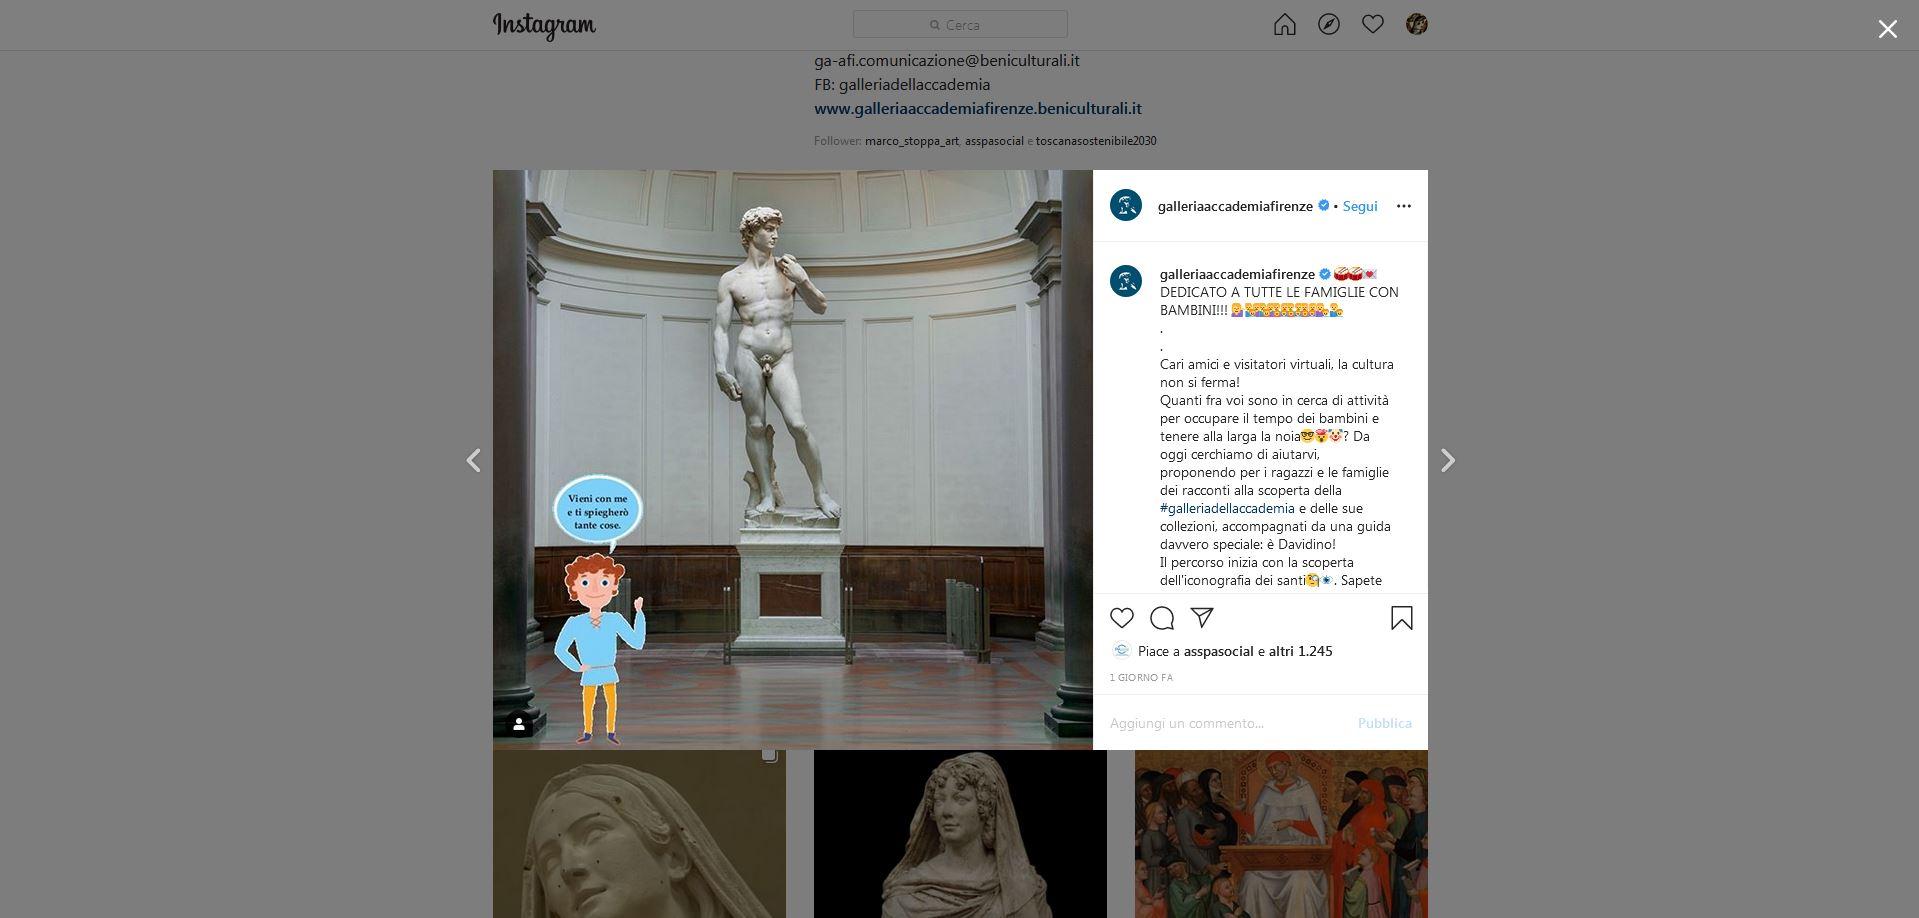 Sui social della Galleria dell'Accademia di Firenze arriva Davidino, guida virtuale con cui scoprire le collezioni